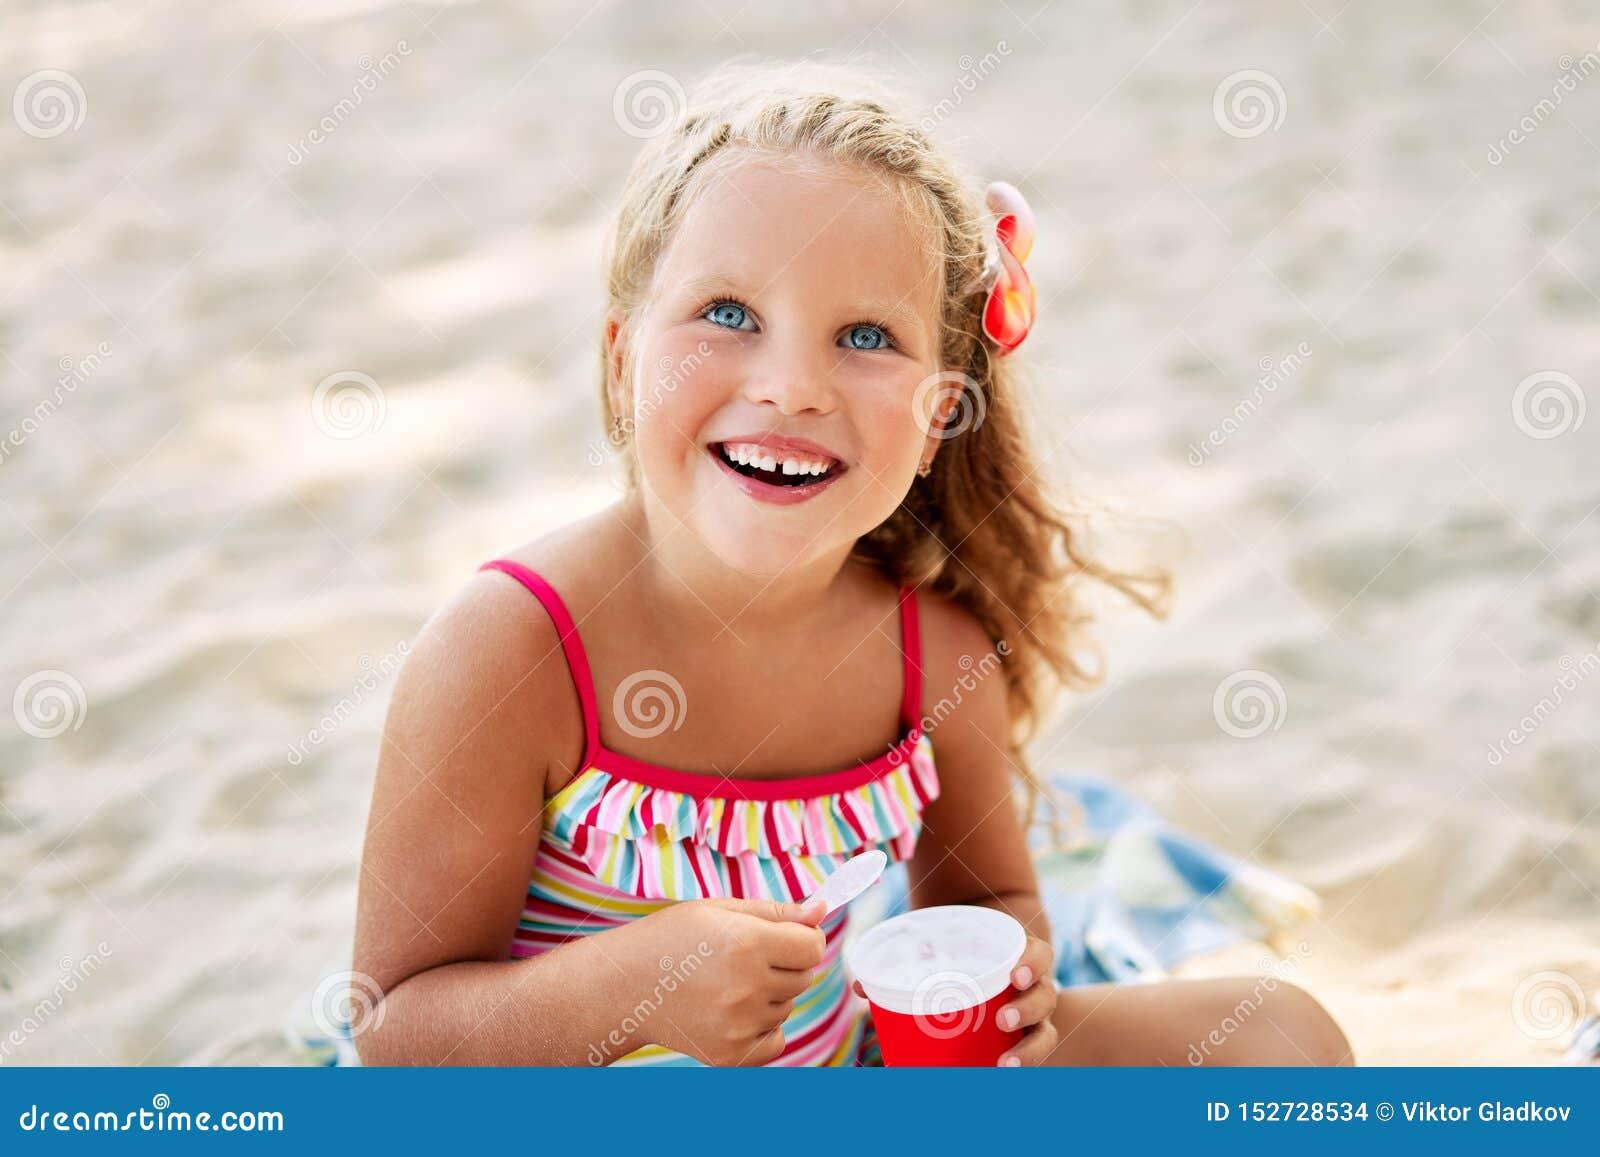 Ice cream | #beach #holidays #vacation #surf #fitness #